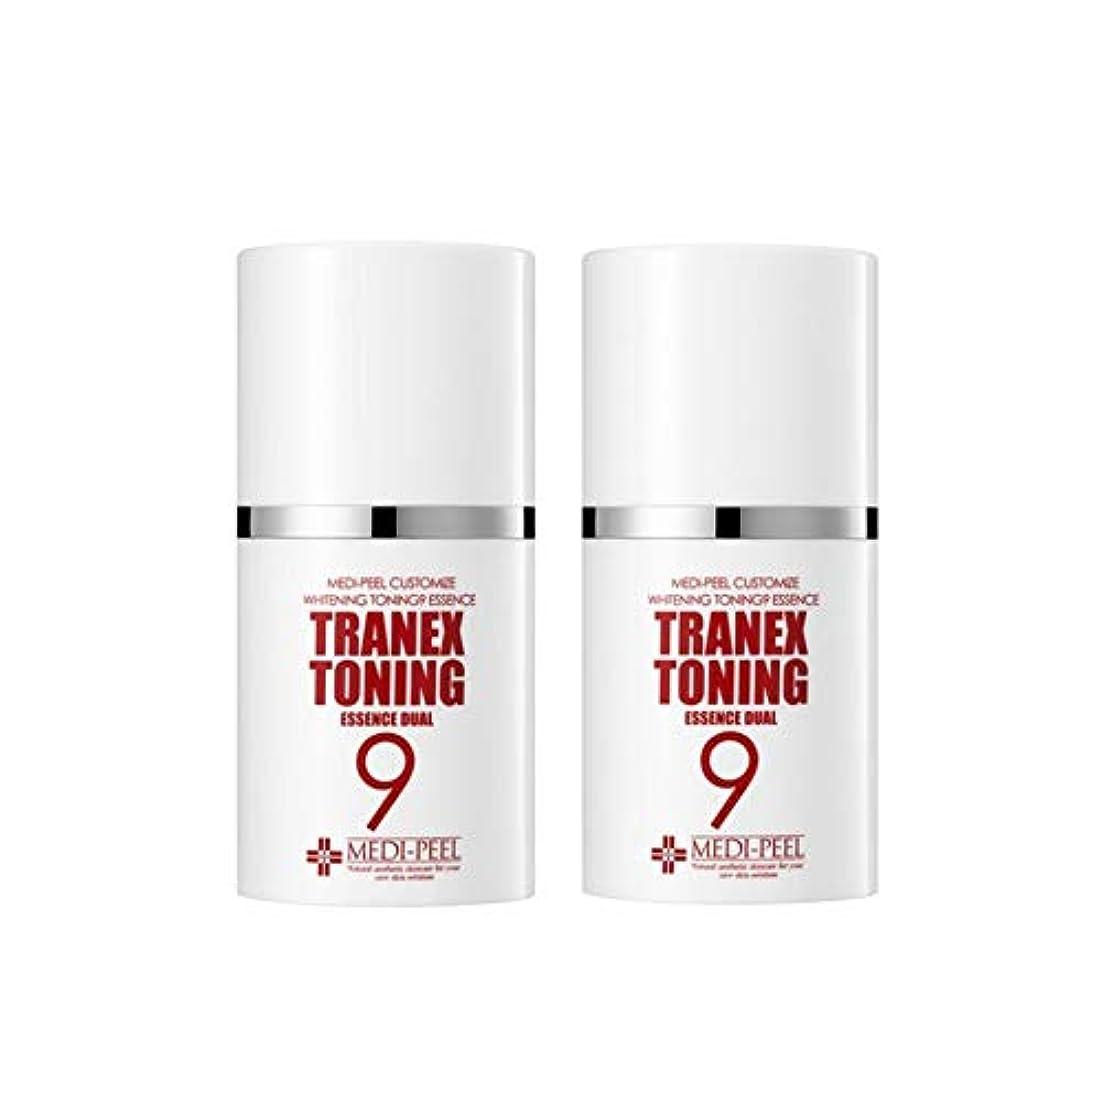 海洋意味のある爪メディピル?トラネック調9エッセンスデュアル50mlx2本セット美白クリーム韓国コスメ、Medi-Peel Tranex Toning 9 Essence Dual 50ml x 2ea Set Whitening Cream Korean Cosmetics [並行輸入品]